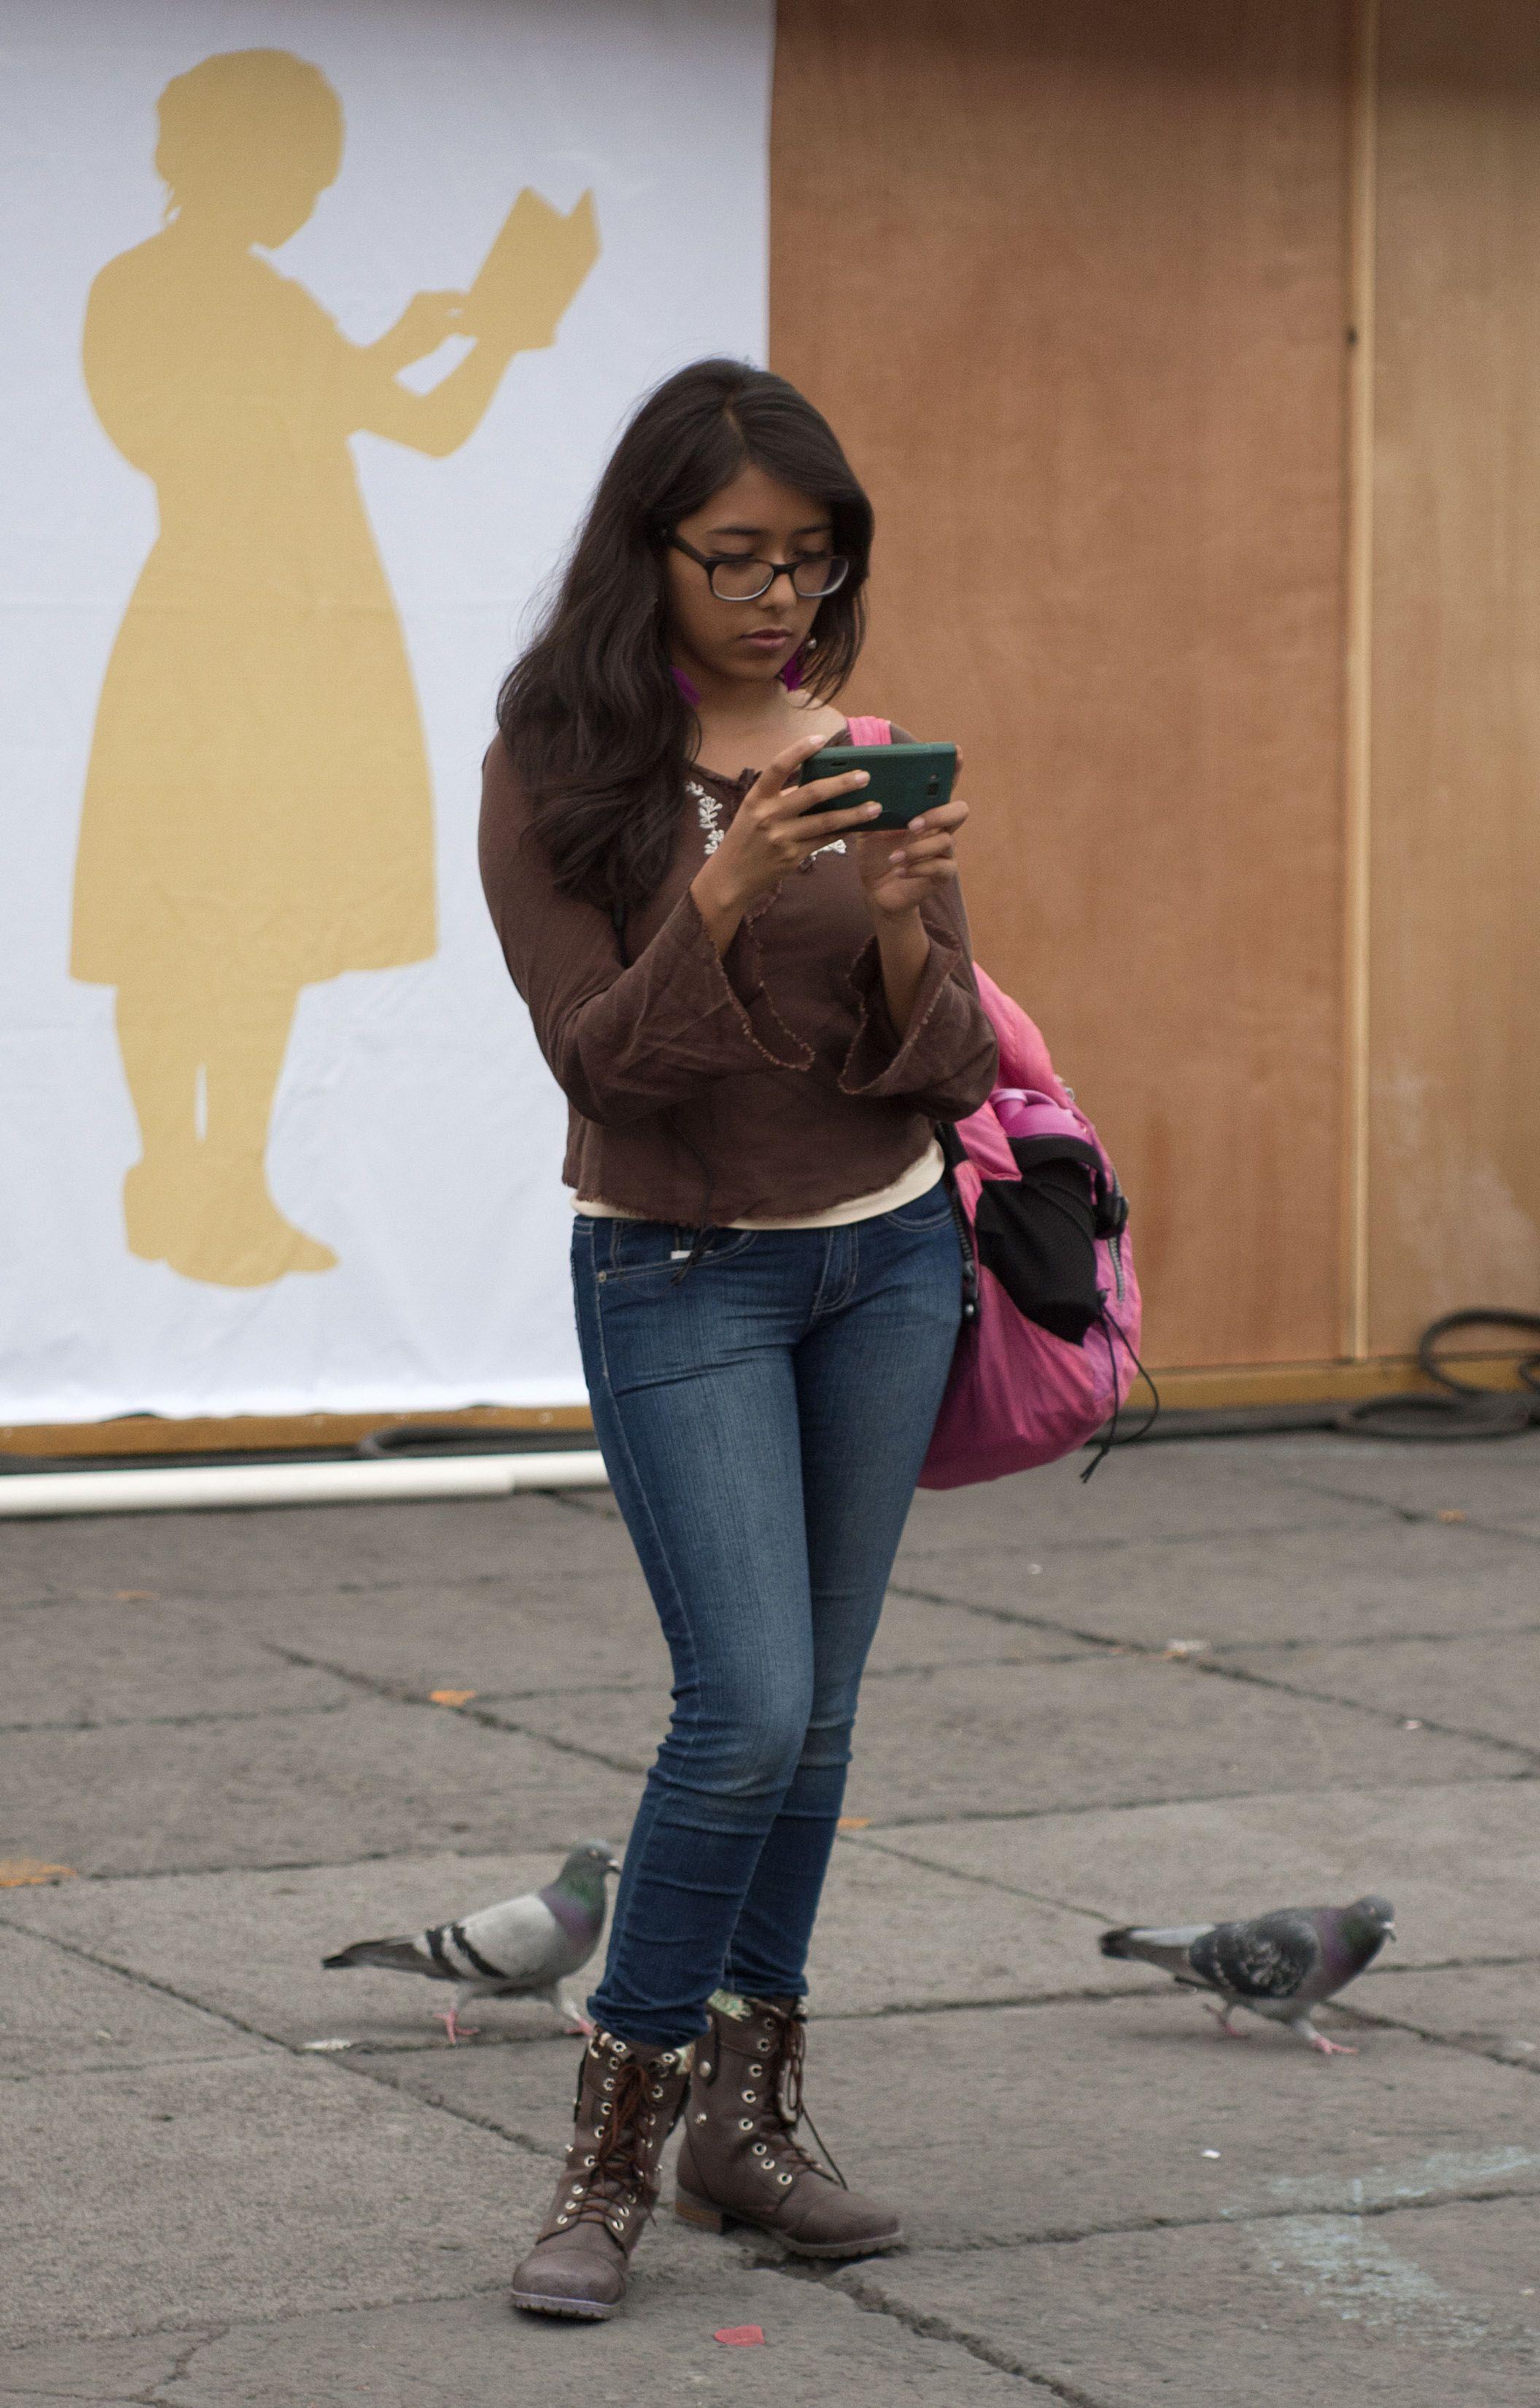 Lunes, 21 de Octubre 2013.  Jóvenes acuden ala XIII Feria Internacional del Libro del Zócalo de la Ciudad de Mexico.  Foto: Gregorio Cortes/Secretaria de Cultura